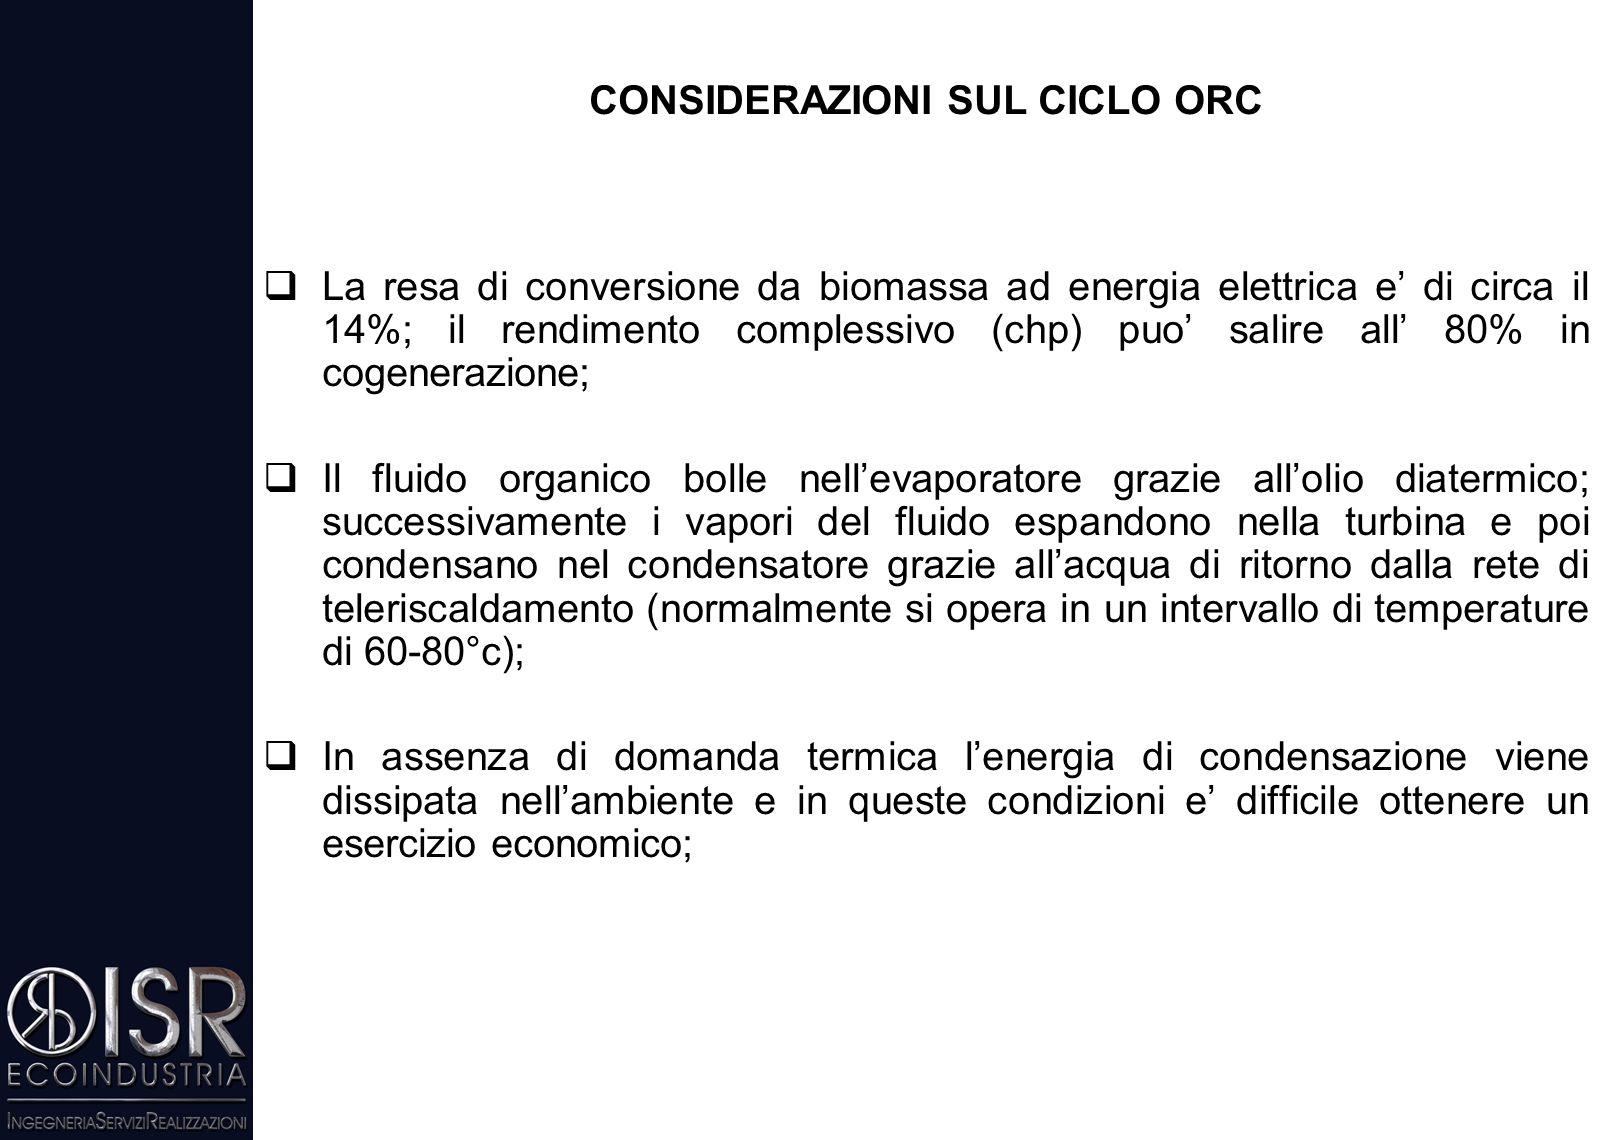 IMPIANTI DI MEDIA TAGLIA PER IL TELERISCALDAMENTO CON BIOMASSE SOLIDE (1 – 20 MW TERMICI)  Il sistema di cogenerazione basato sulla caldaia ad olio d